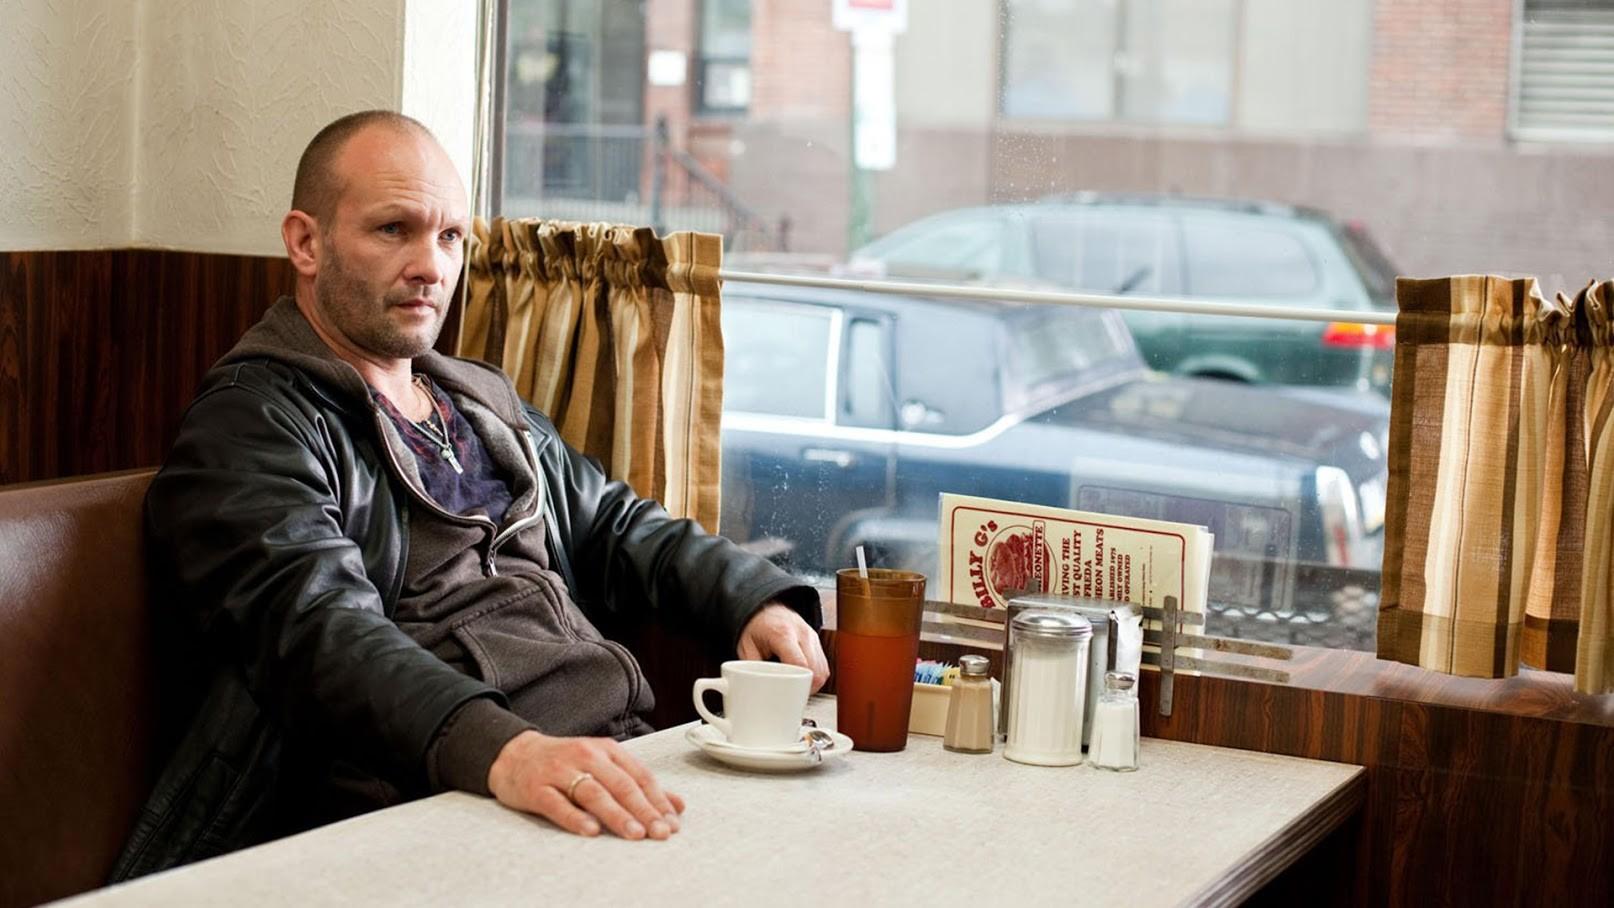 Gangster Gennadij, Odklenjen (Limitless, 2011).